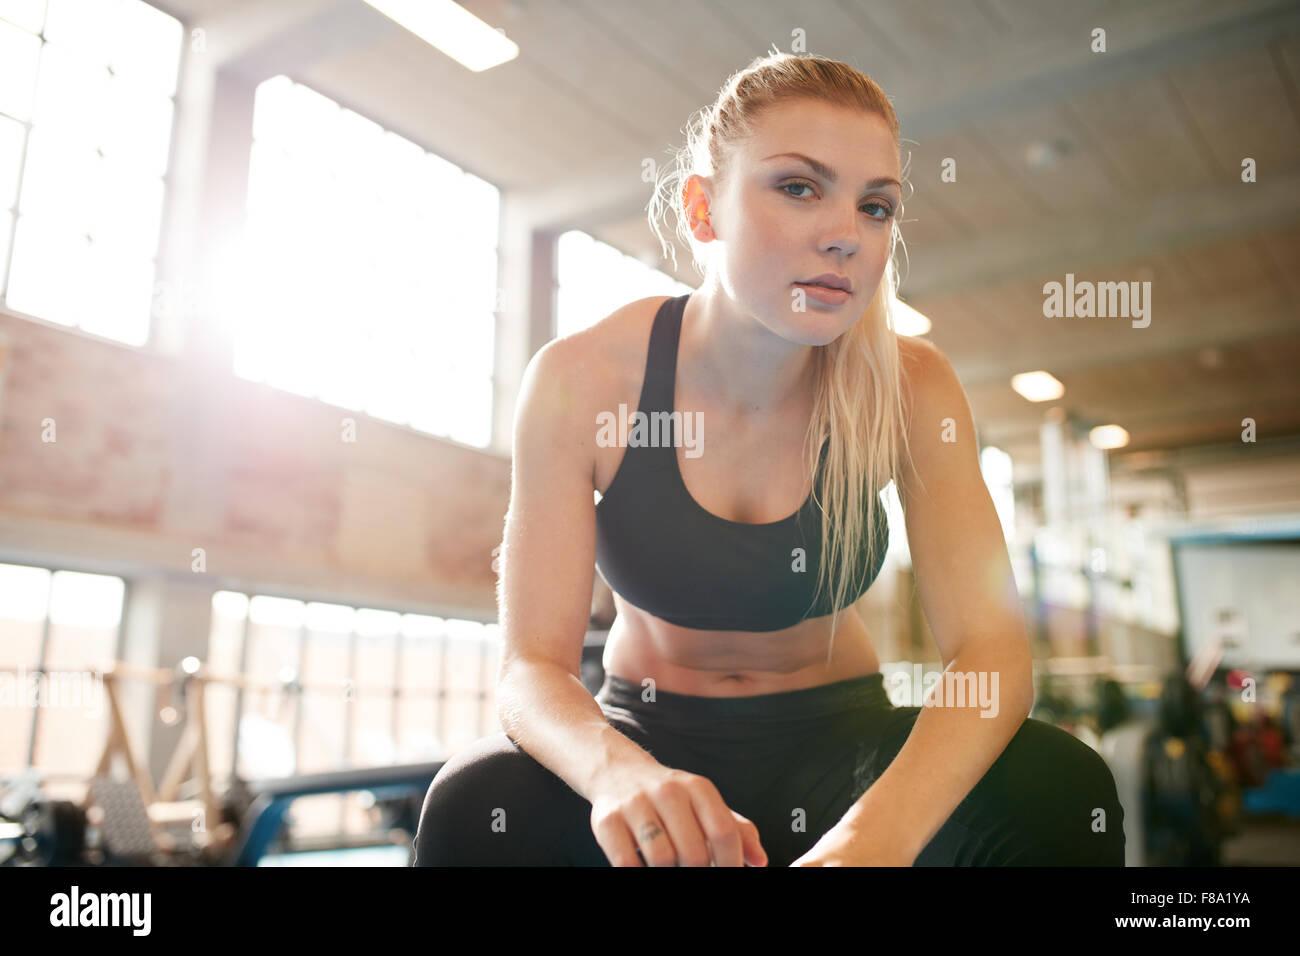 Ritratto di giovane attraente donna seduta rilassato dopo il suo allenamento in palestra. Femmina Fitness tenendo Immagini Stock